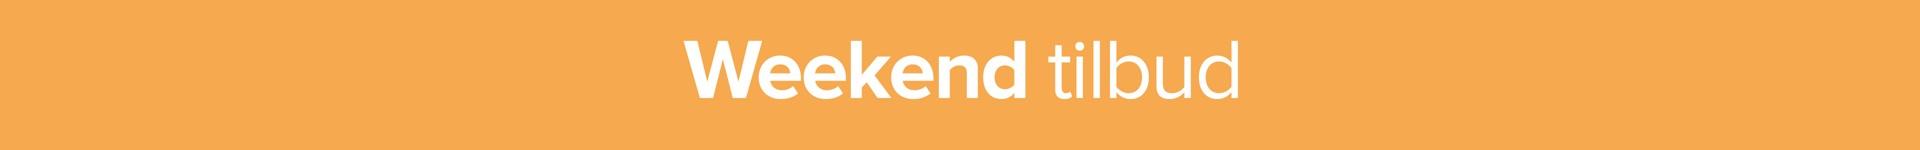 Weekend tilbud